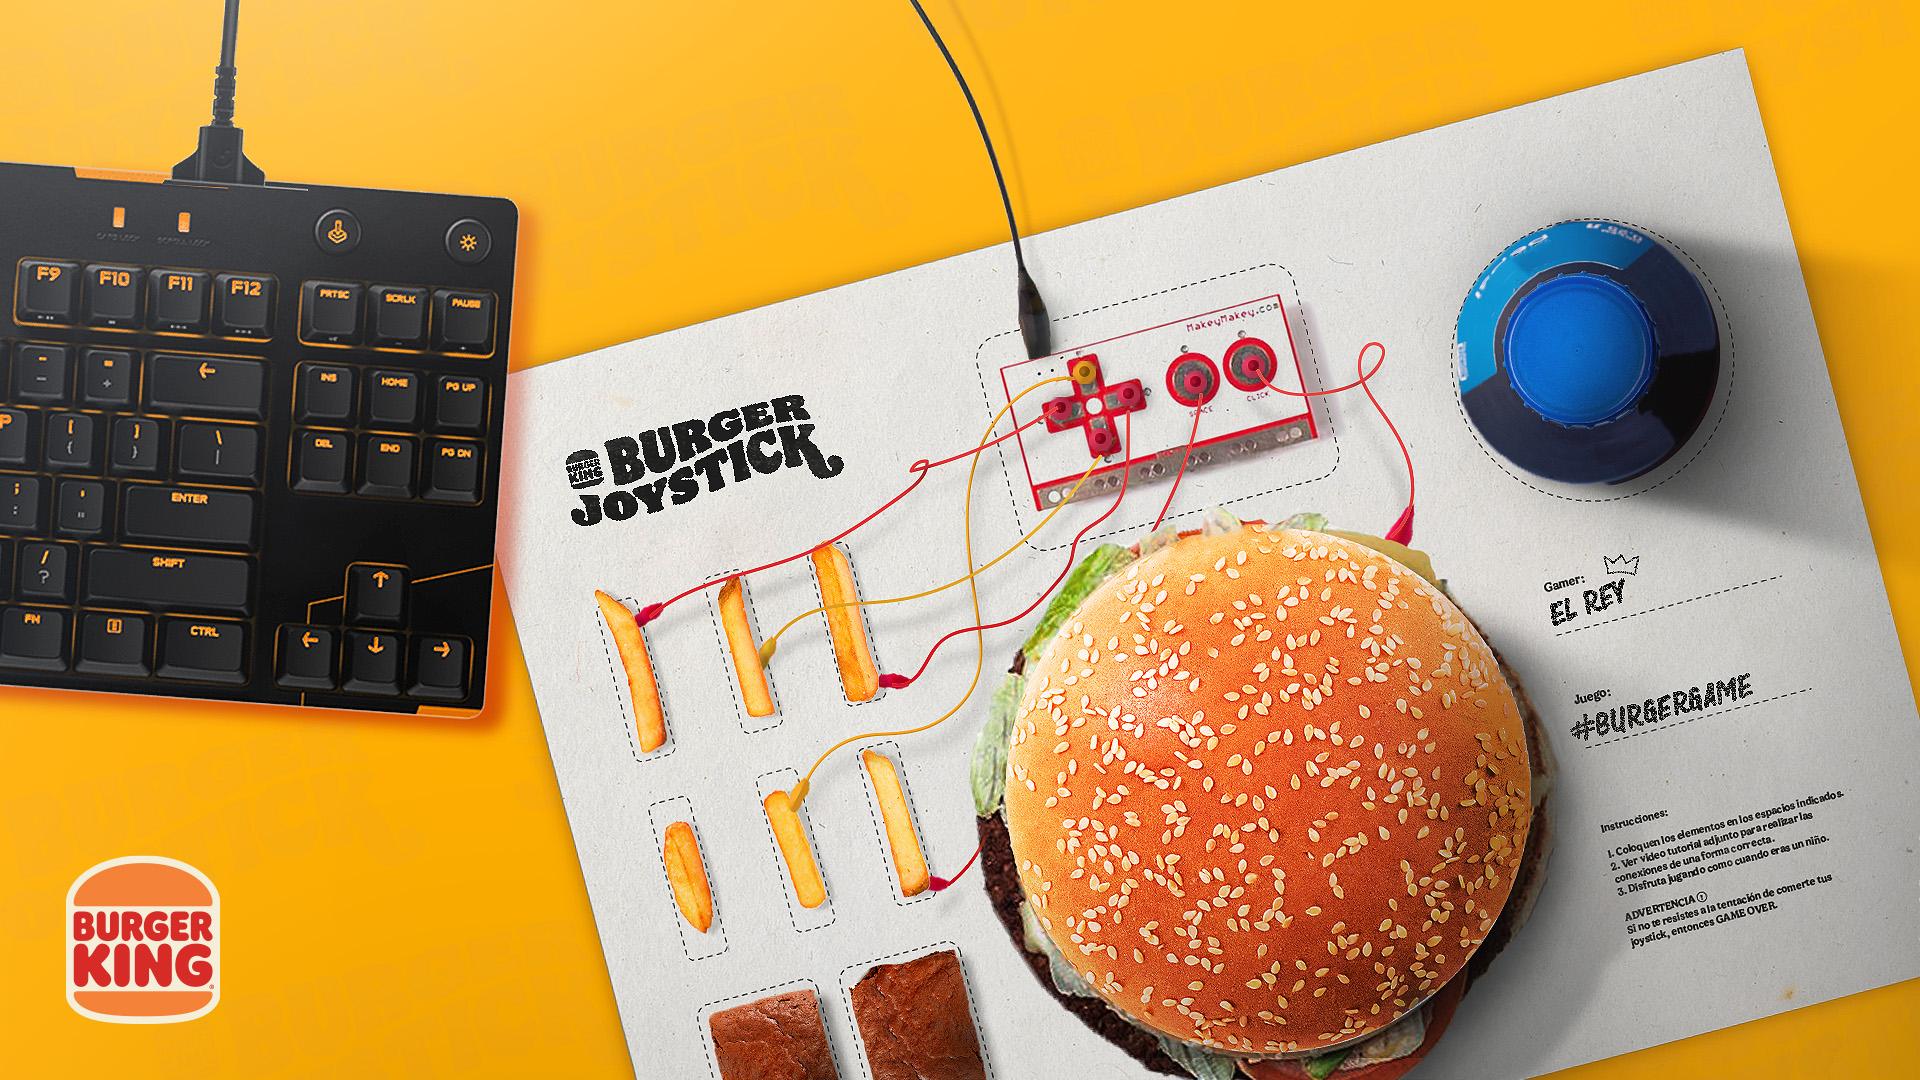 Burger king gamers